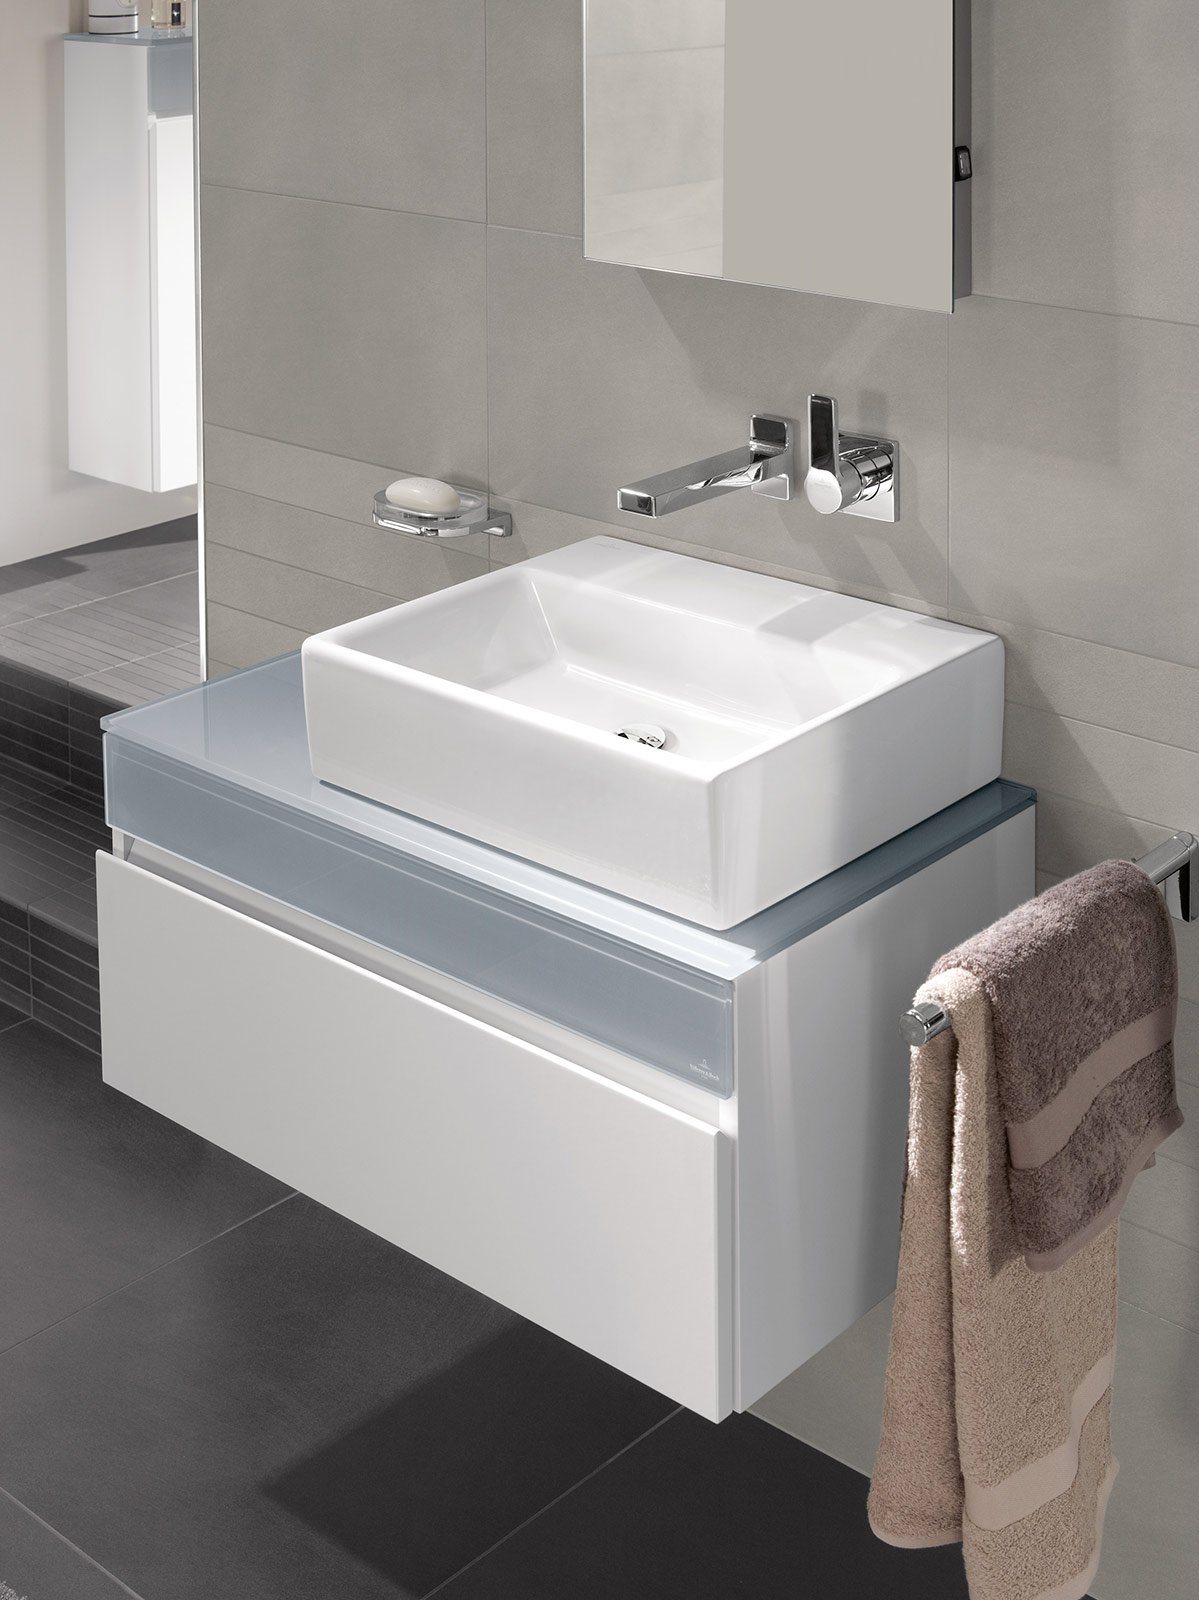 adatto a integrarsi in un bagno dalle linee pure e minimaliste il lavabo memento di